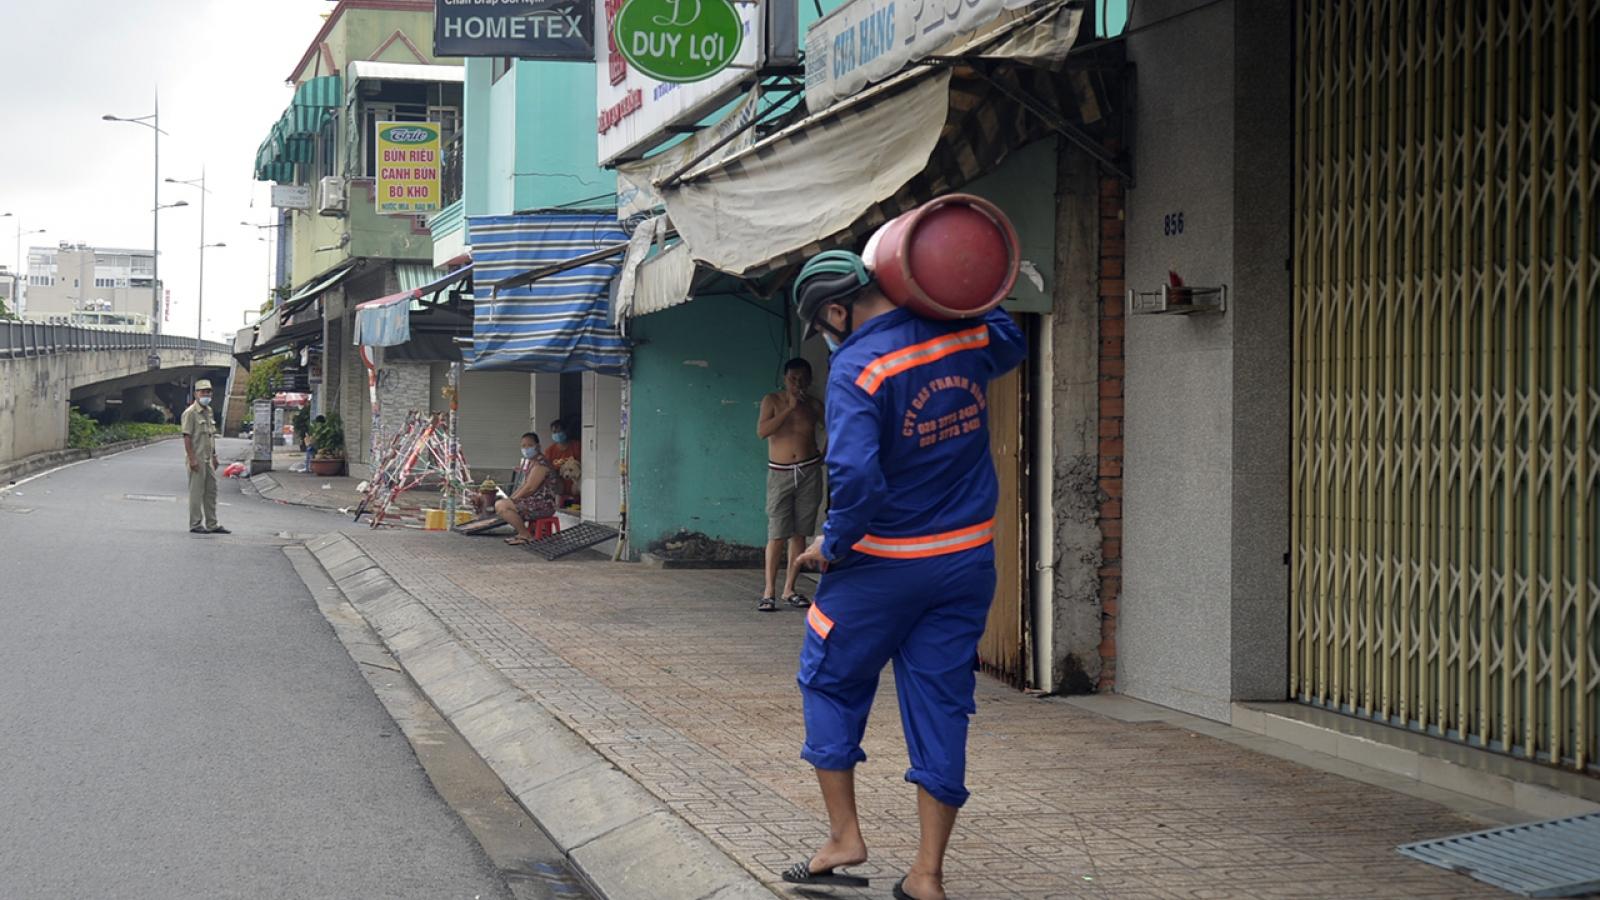 TP.HCM: Nhân viên giao gas không cần giấy đi đường để qua chốt kiểm soát